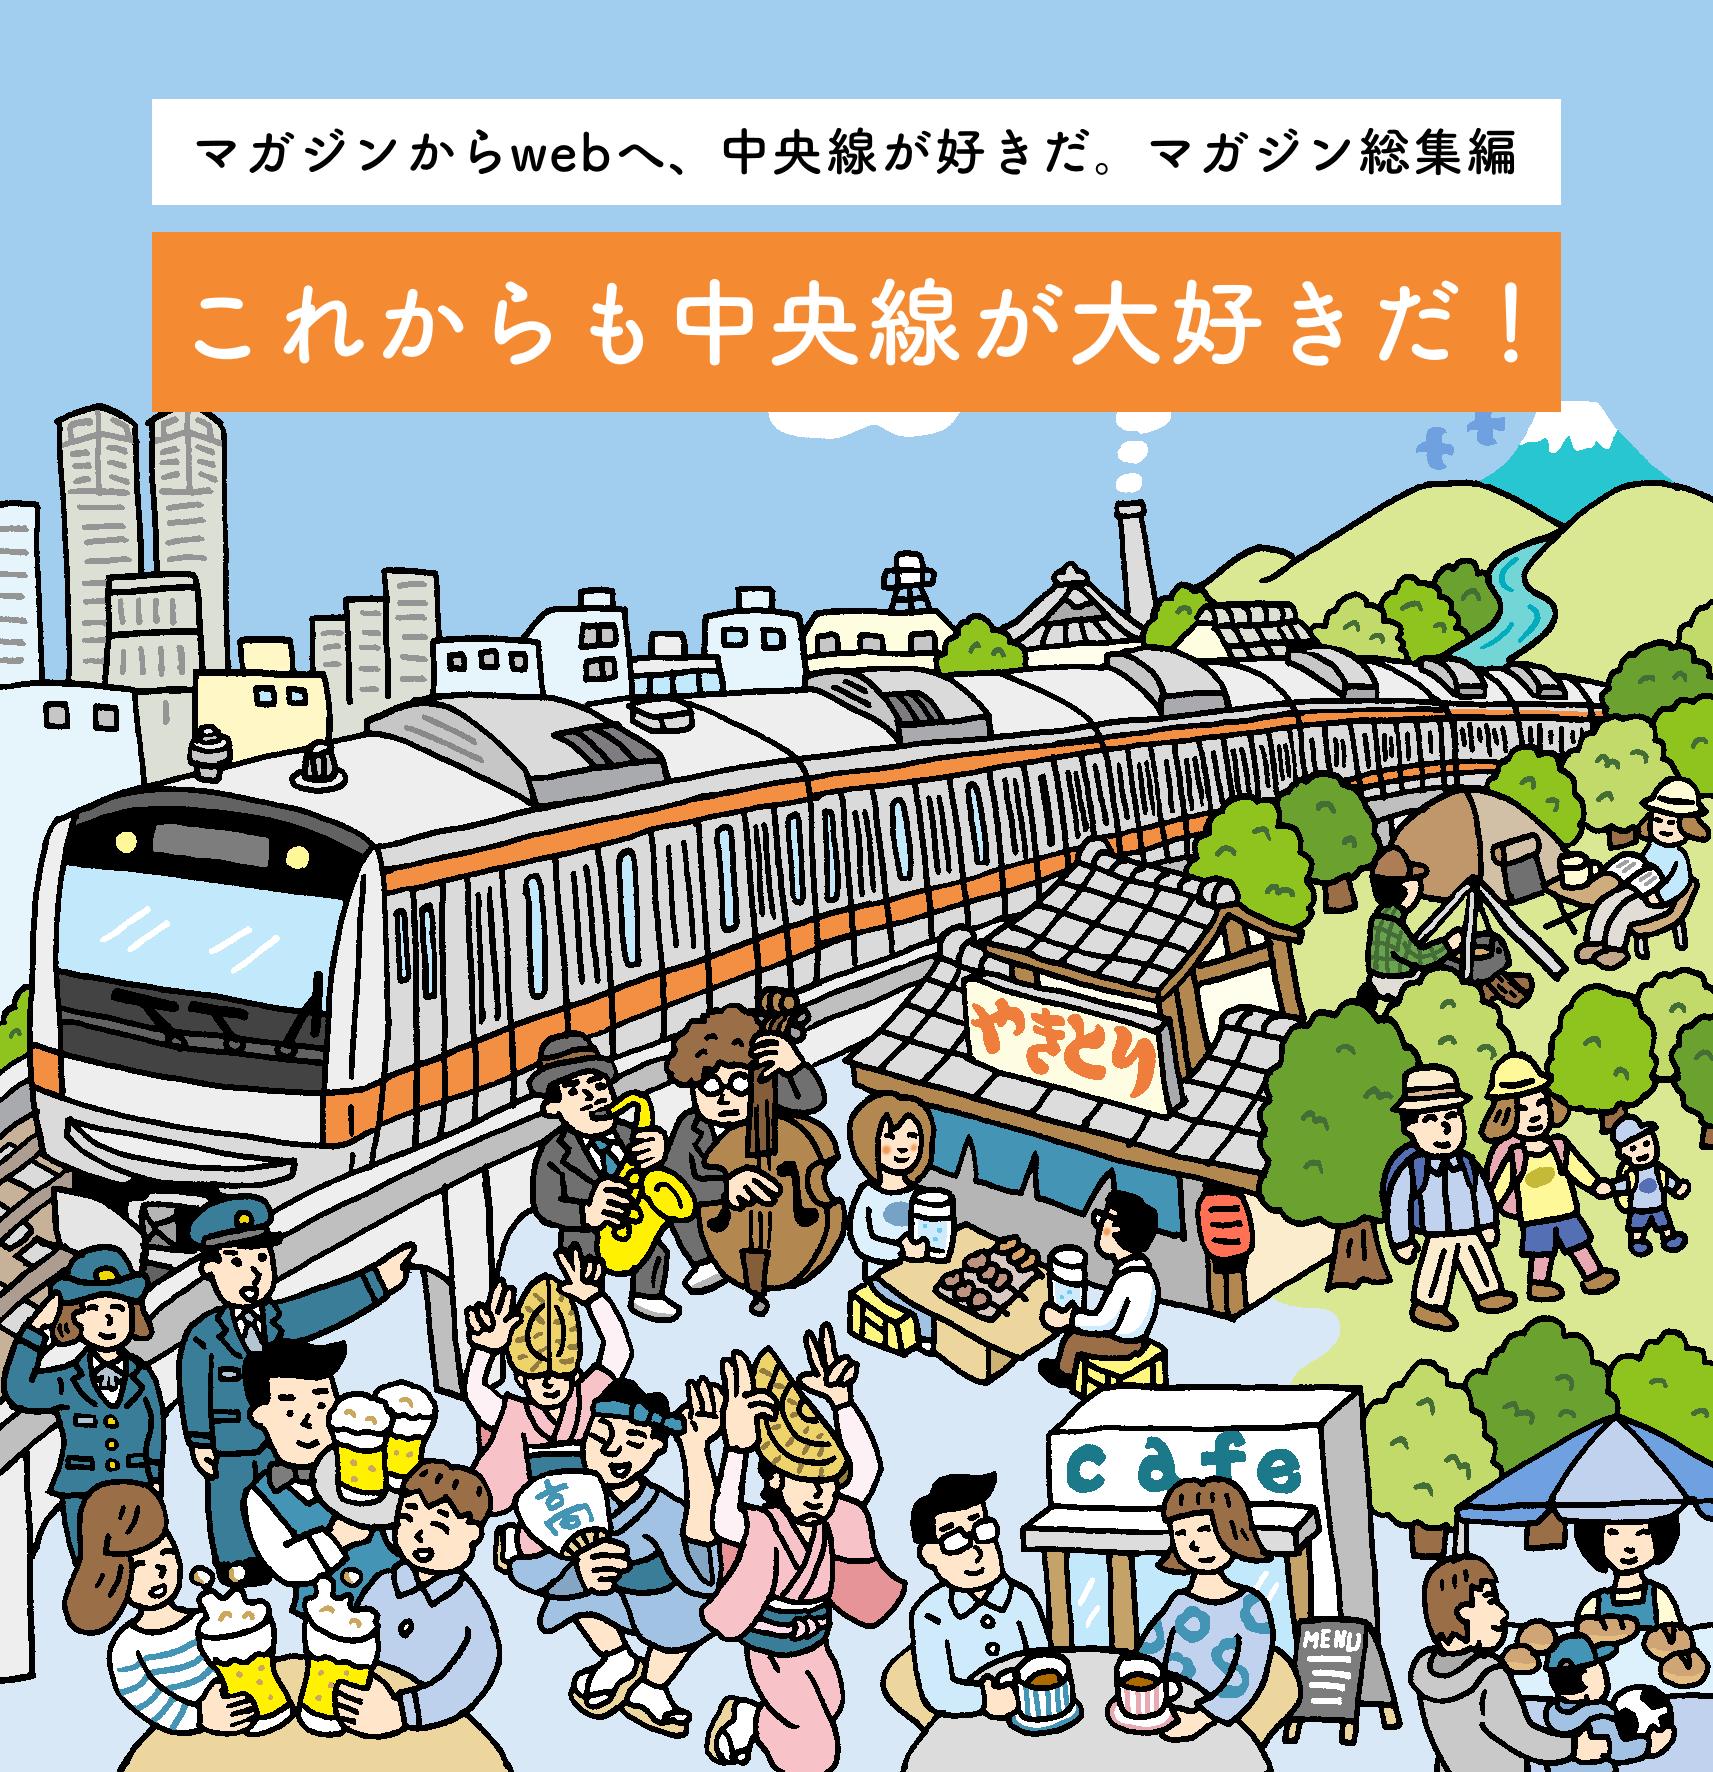 中央線が好きだ。web│JR東日本八王子支社 - JR中央線、沿線情報がいっぱい